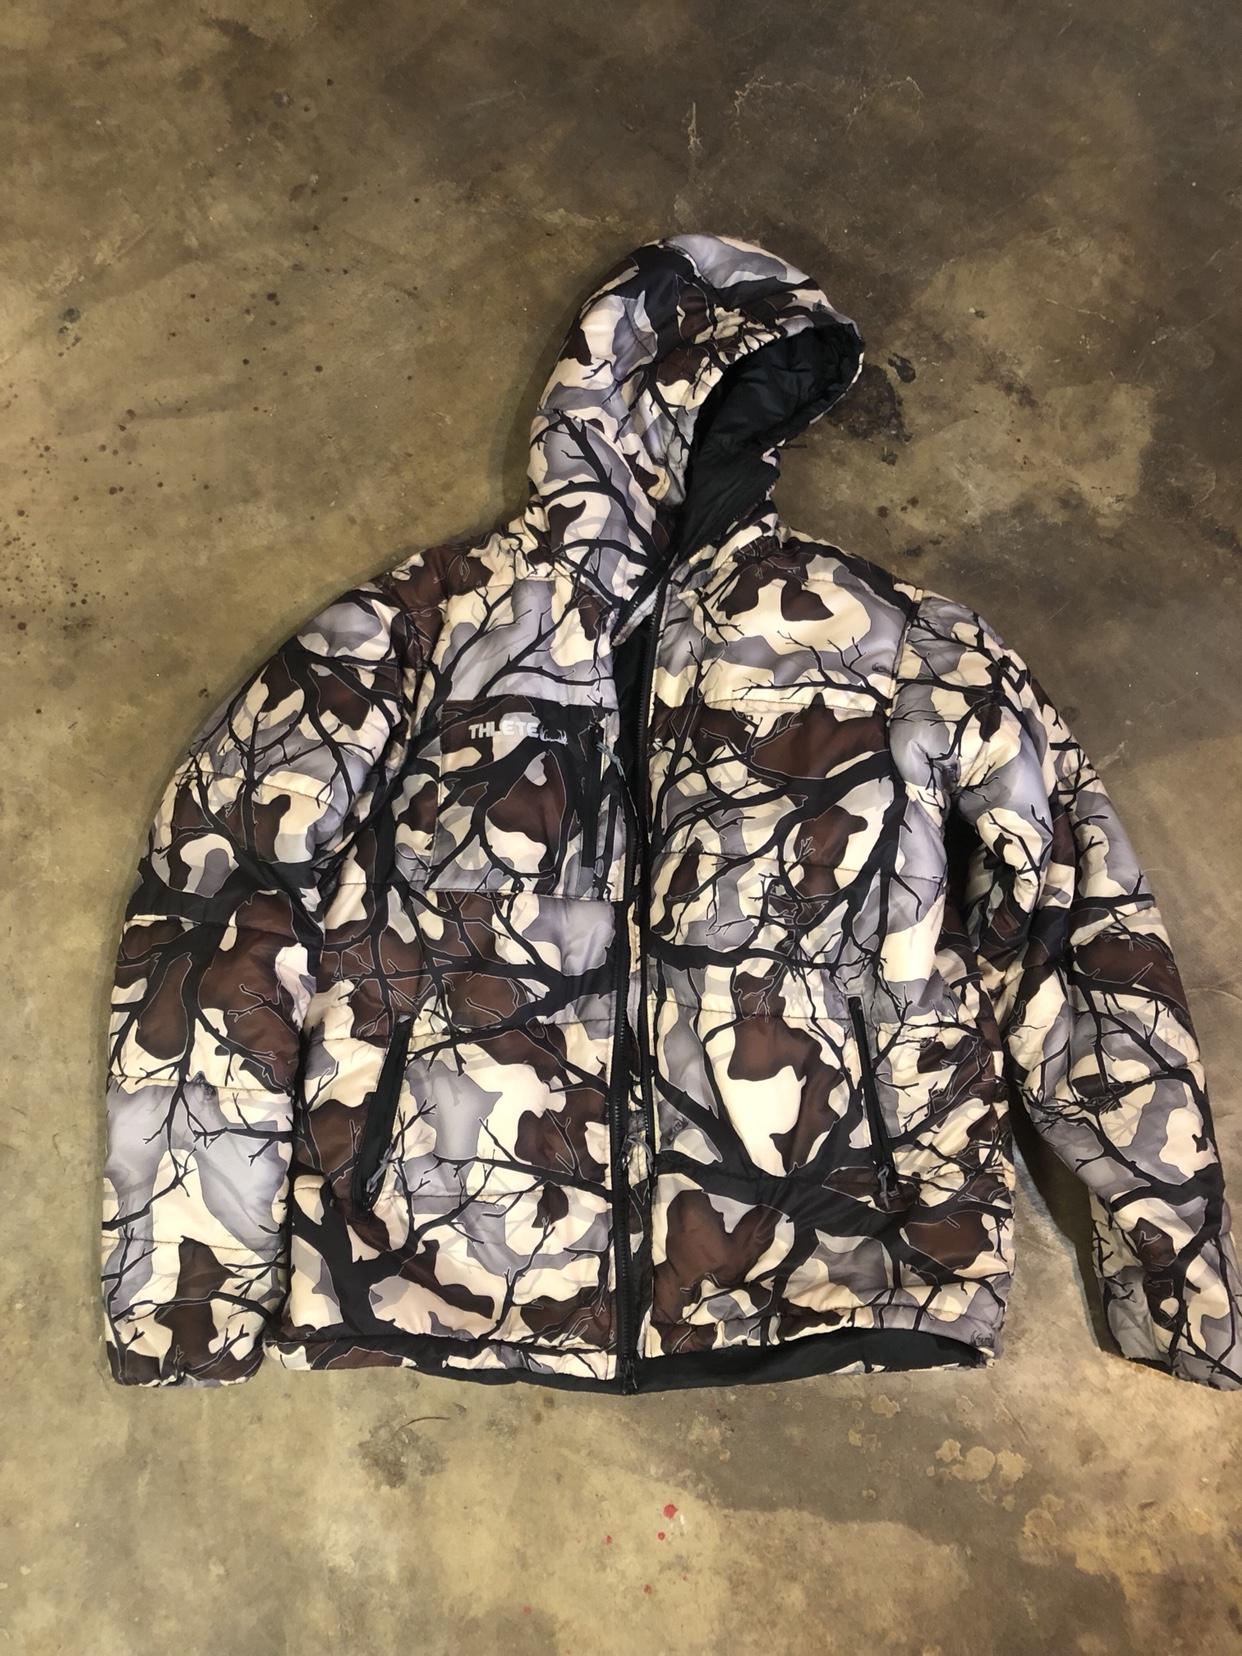 Hoyt Archery Puffy Jacket XL